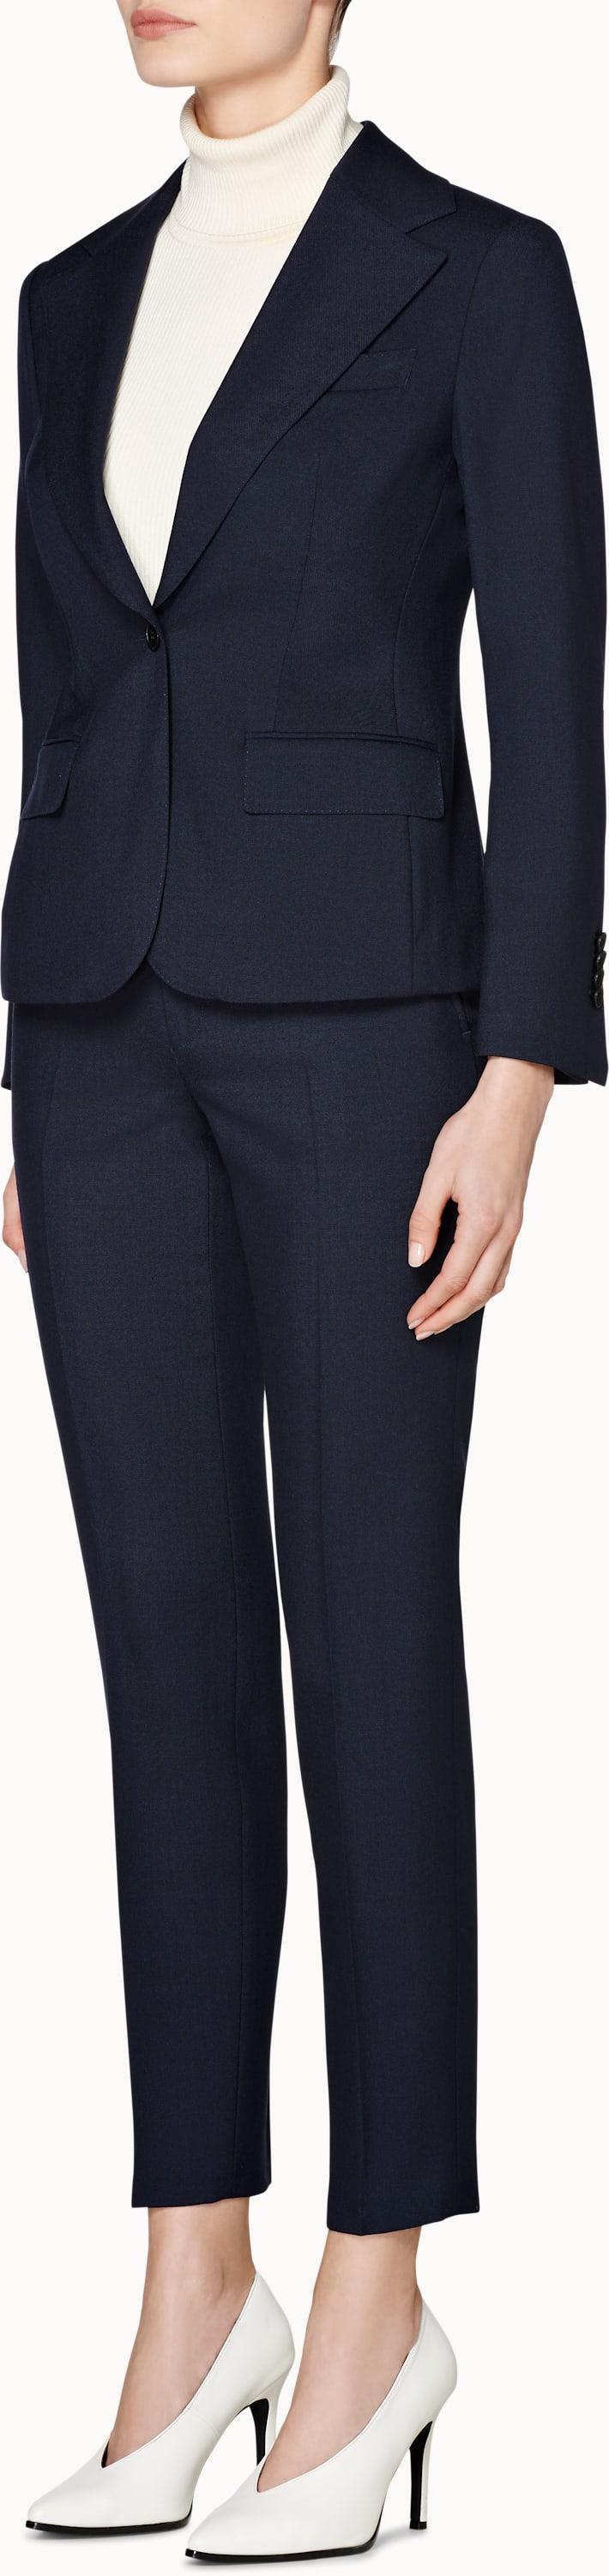 Cameron Navy Plain Suit